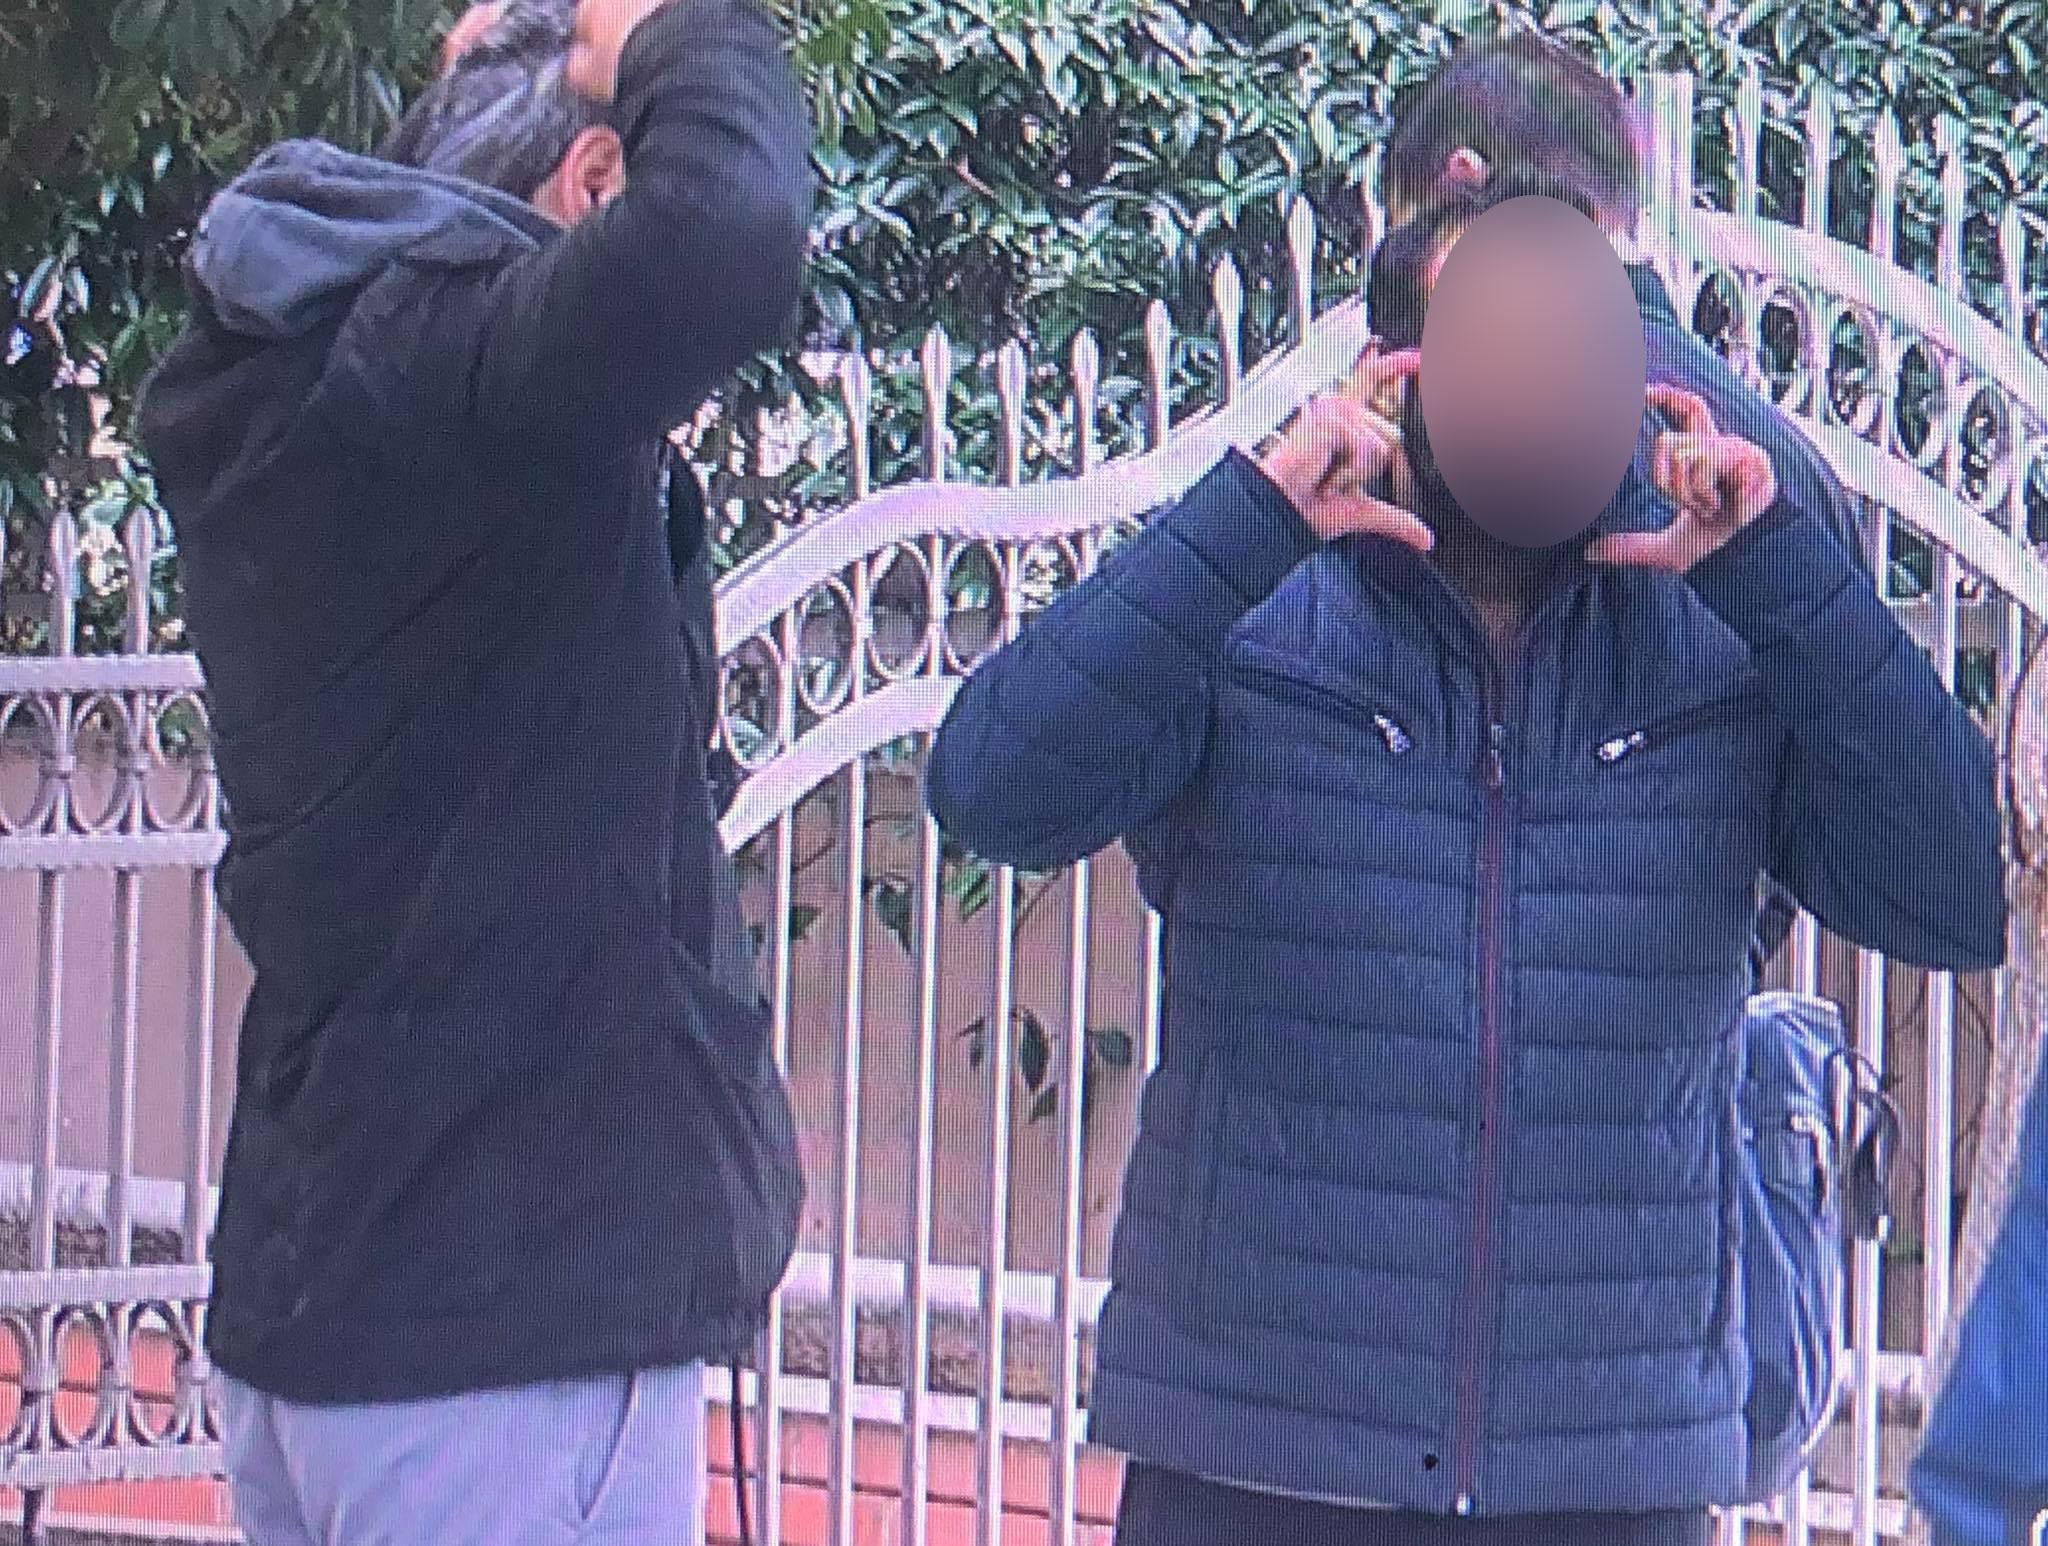 Θεσσαλονίκη: Λήξη συναγερμού με τον 30χρονο που απειλούσε να αυτοκτονήσει στην Καλαμαριά (pic, vid)